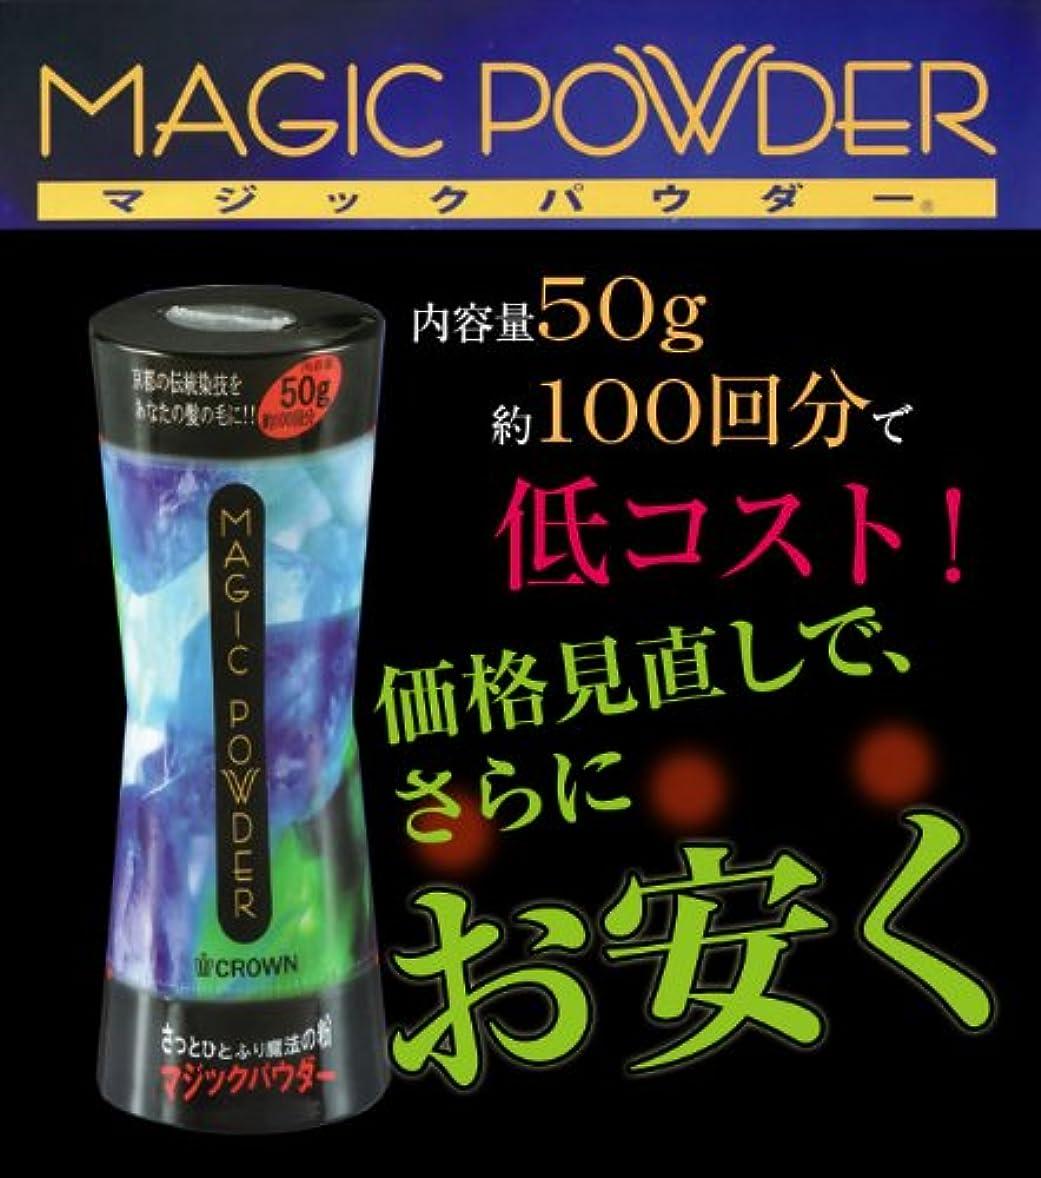 おかしい傾斜無駄だマジックパウダー 50g 【ダークブラウン】【約100回分】【男女兼用】【MAGIC POWDER】薄毛隠し